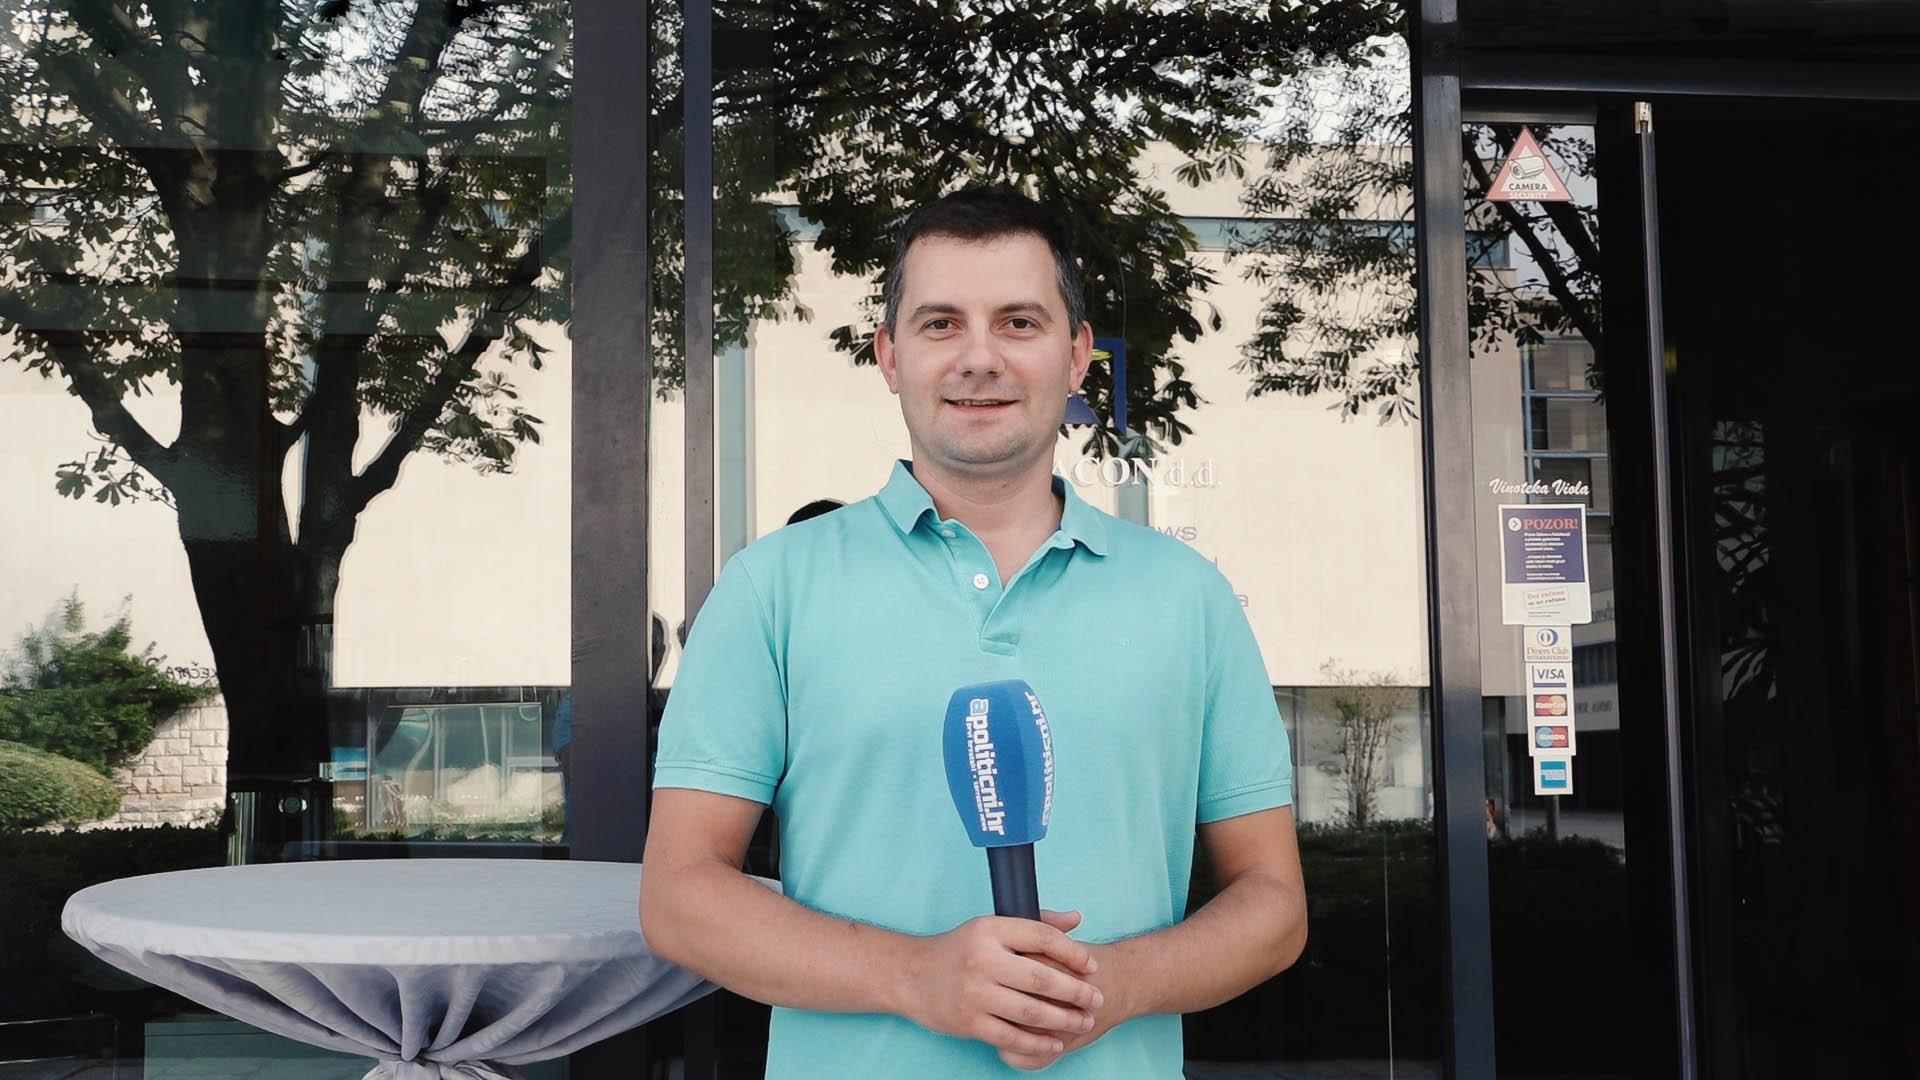 Ante Šunjić